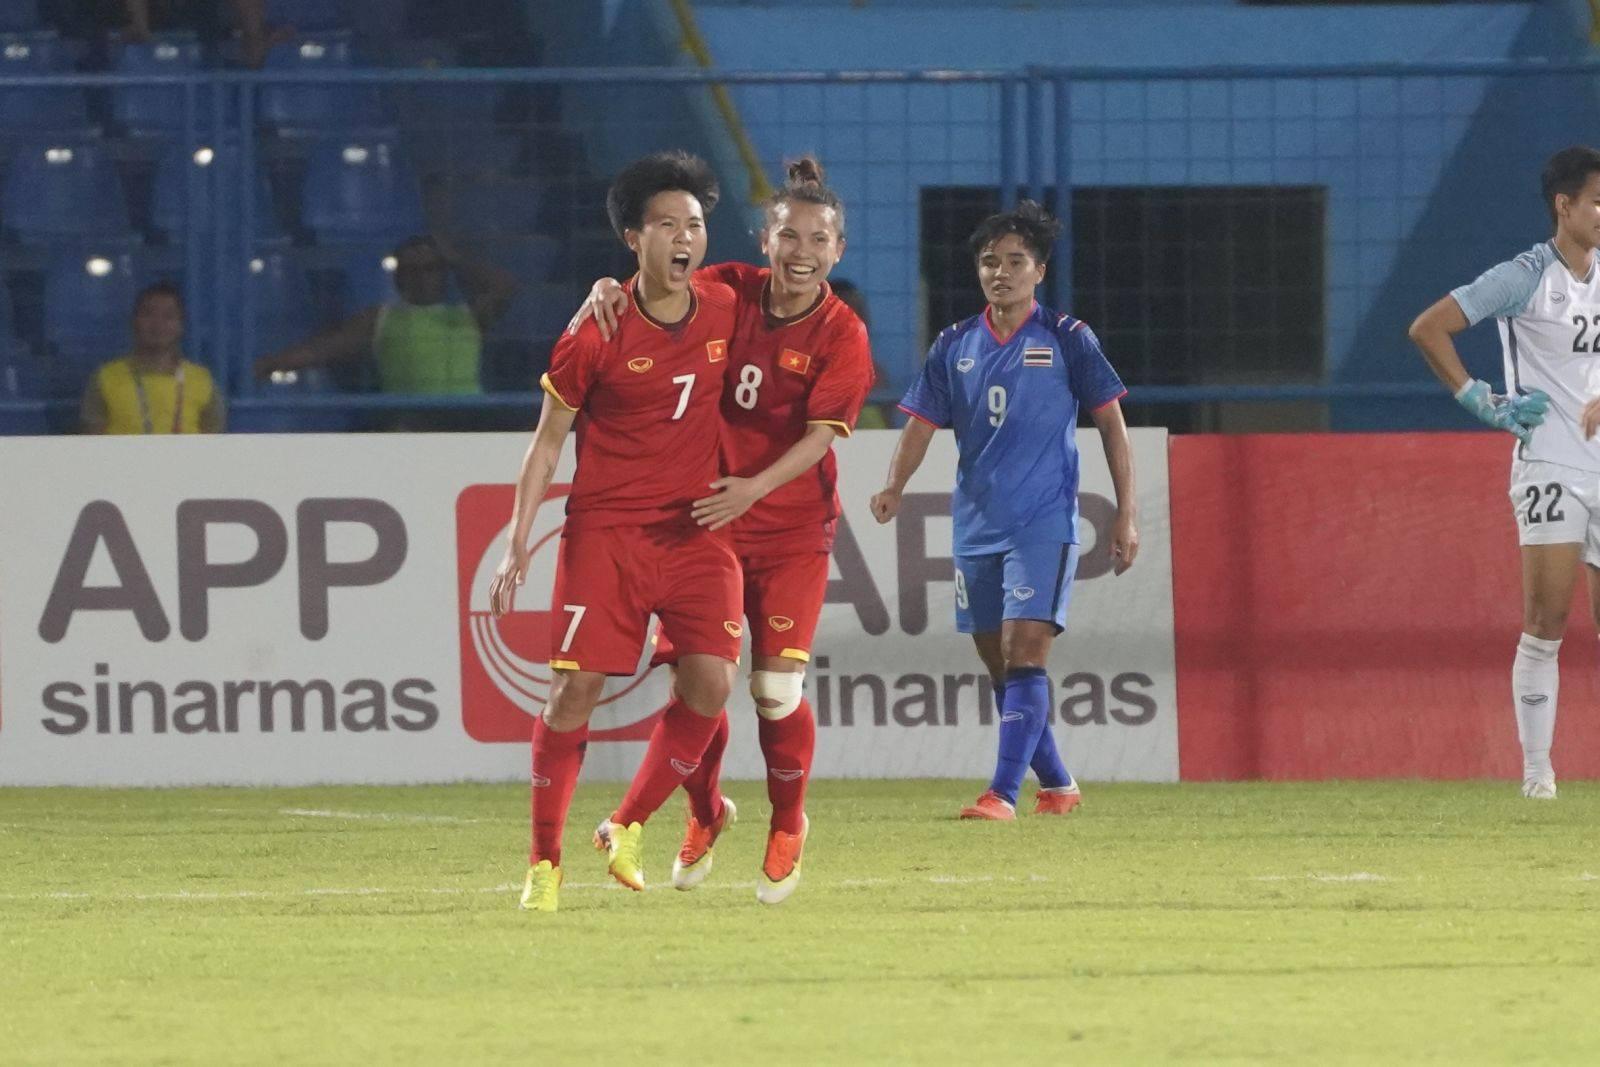 Cầu thủ Olympic Việt Nam tặng 250 triệu đồng cho đội tuyển nữ Việt Nam - Ảnh 2.